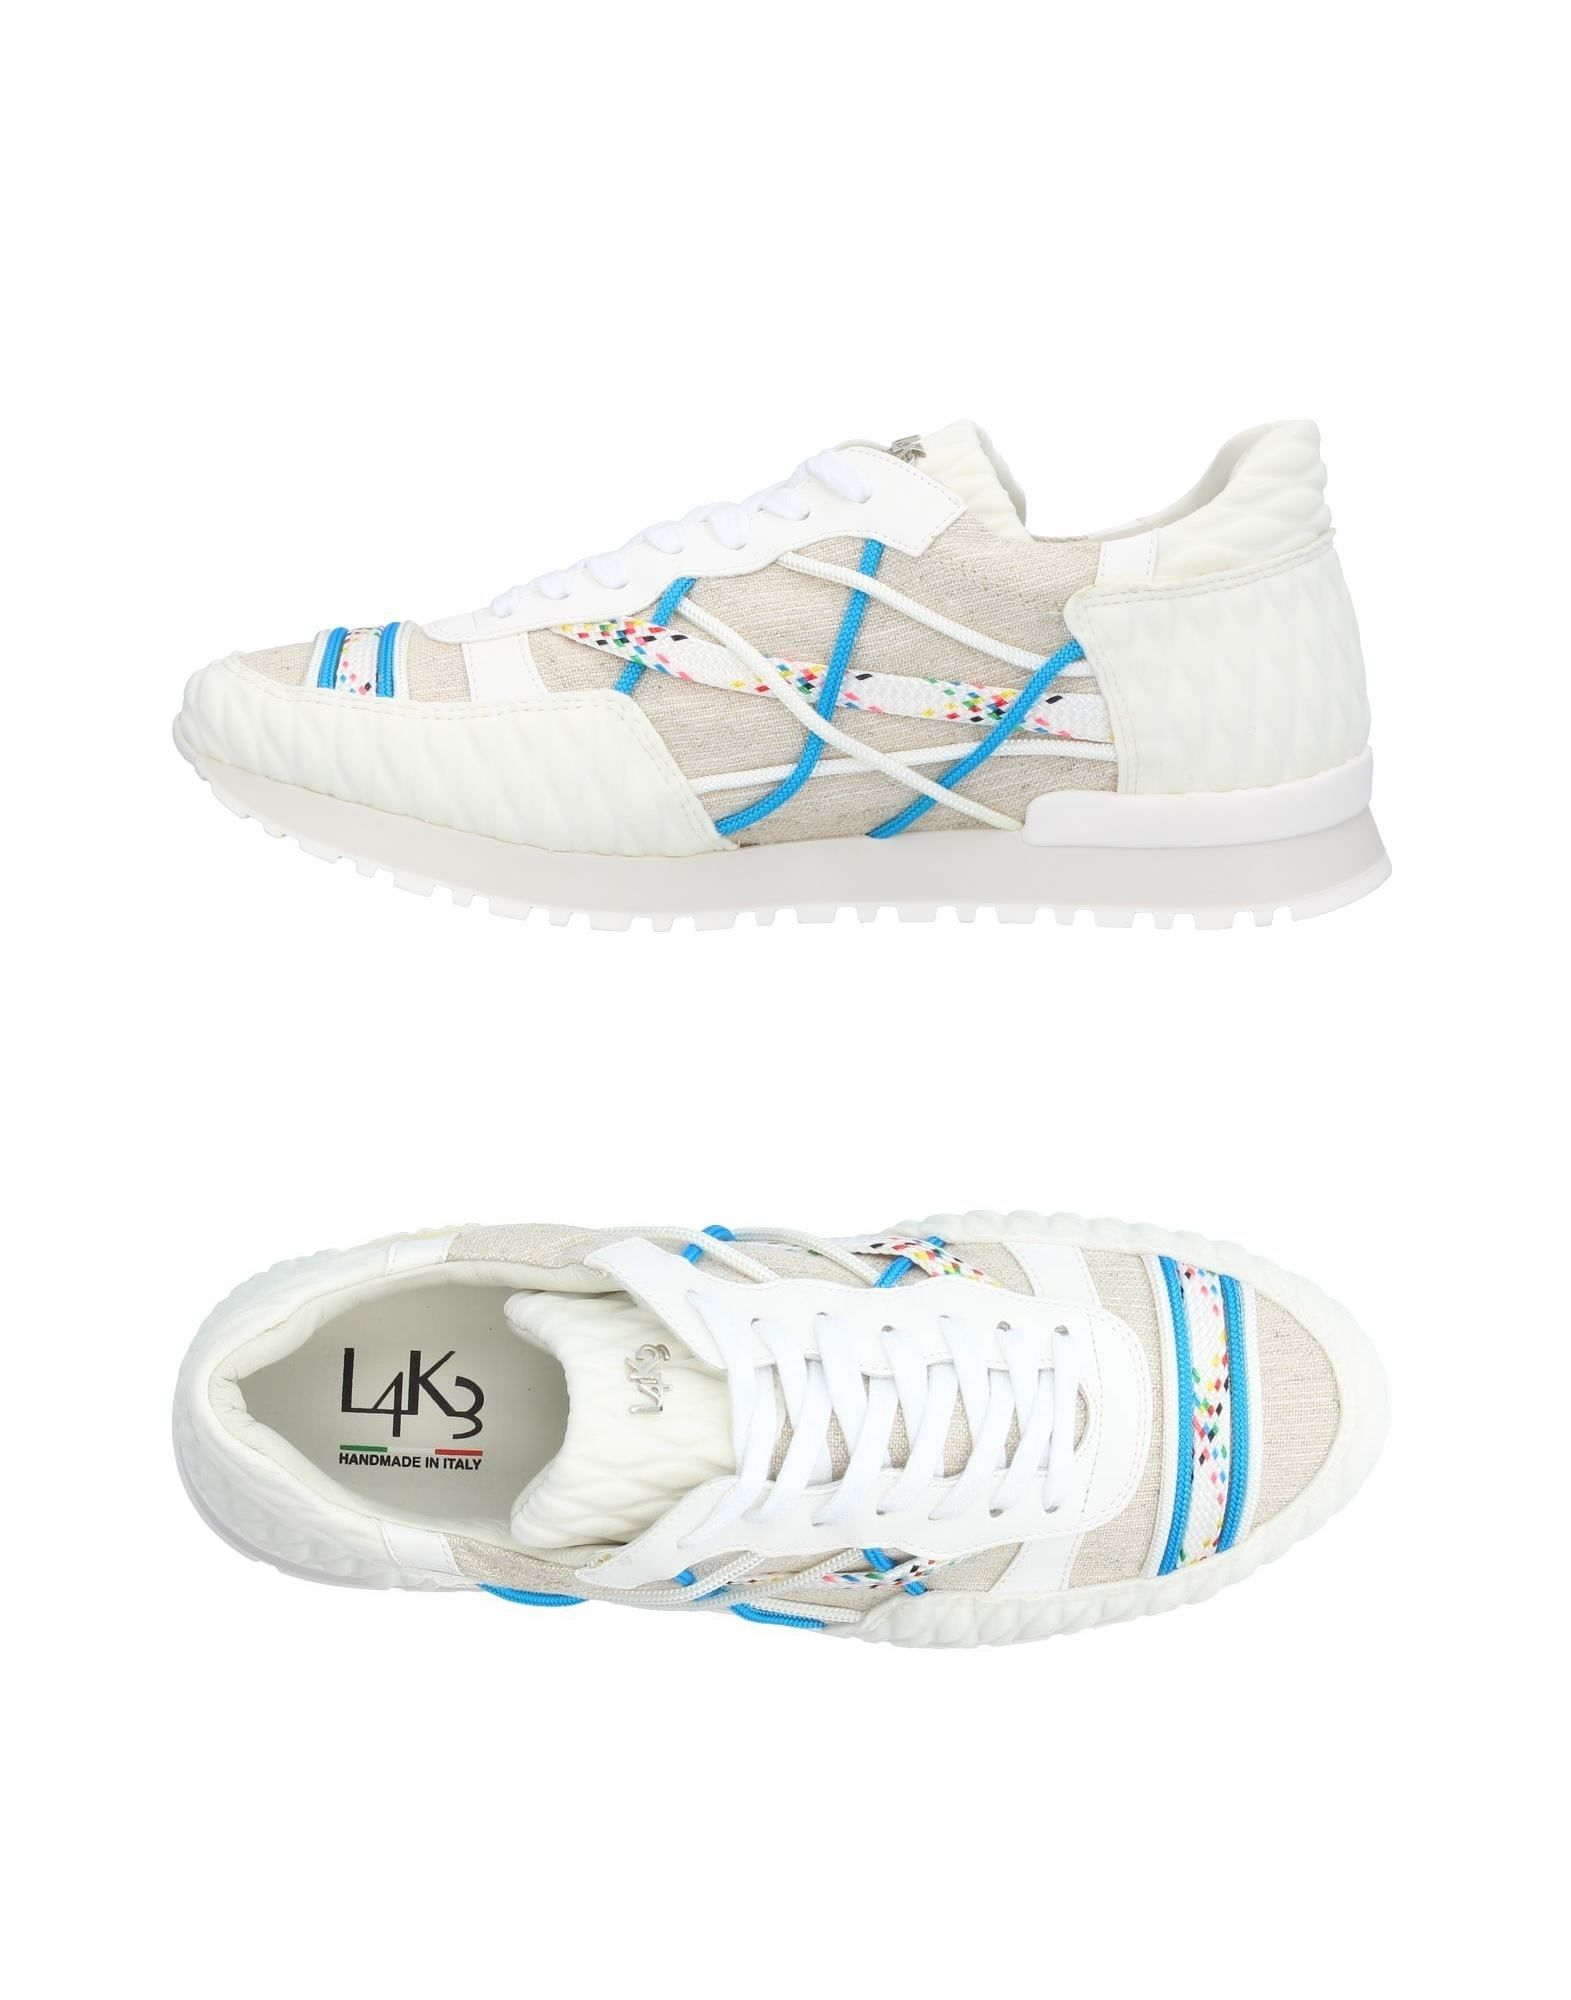 《送料無料》L4K3 メンズ スニーカー&テニスシューズ(ローカット) ホワイト 40 紡績繊維